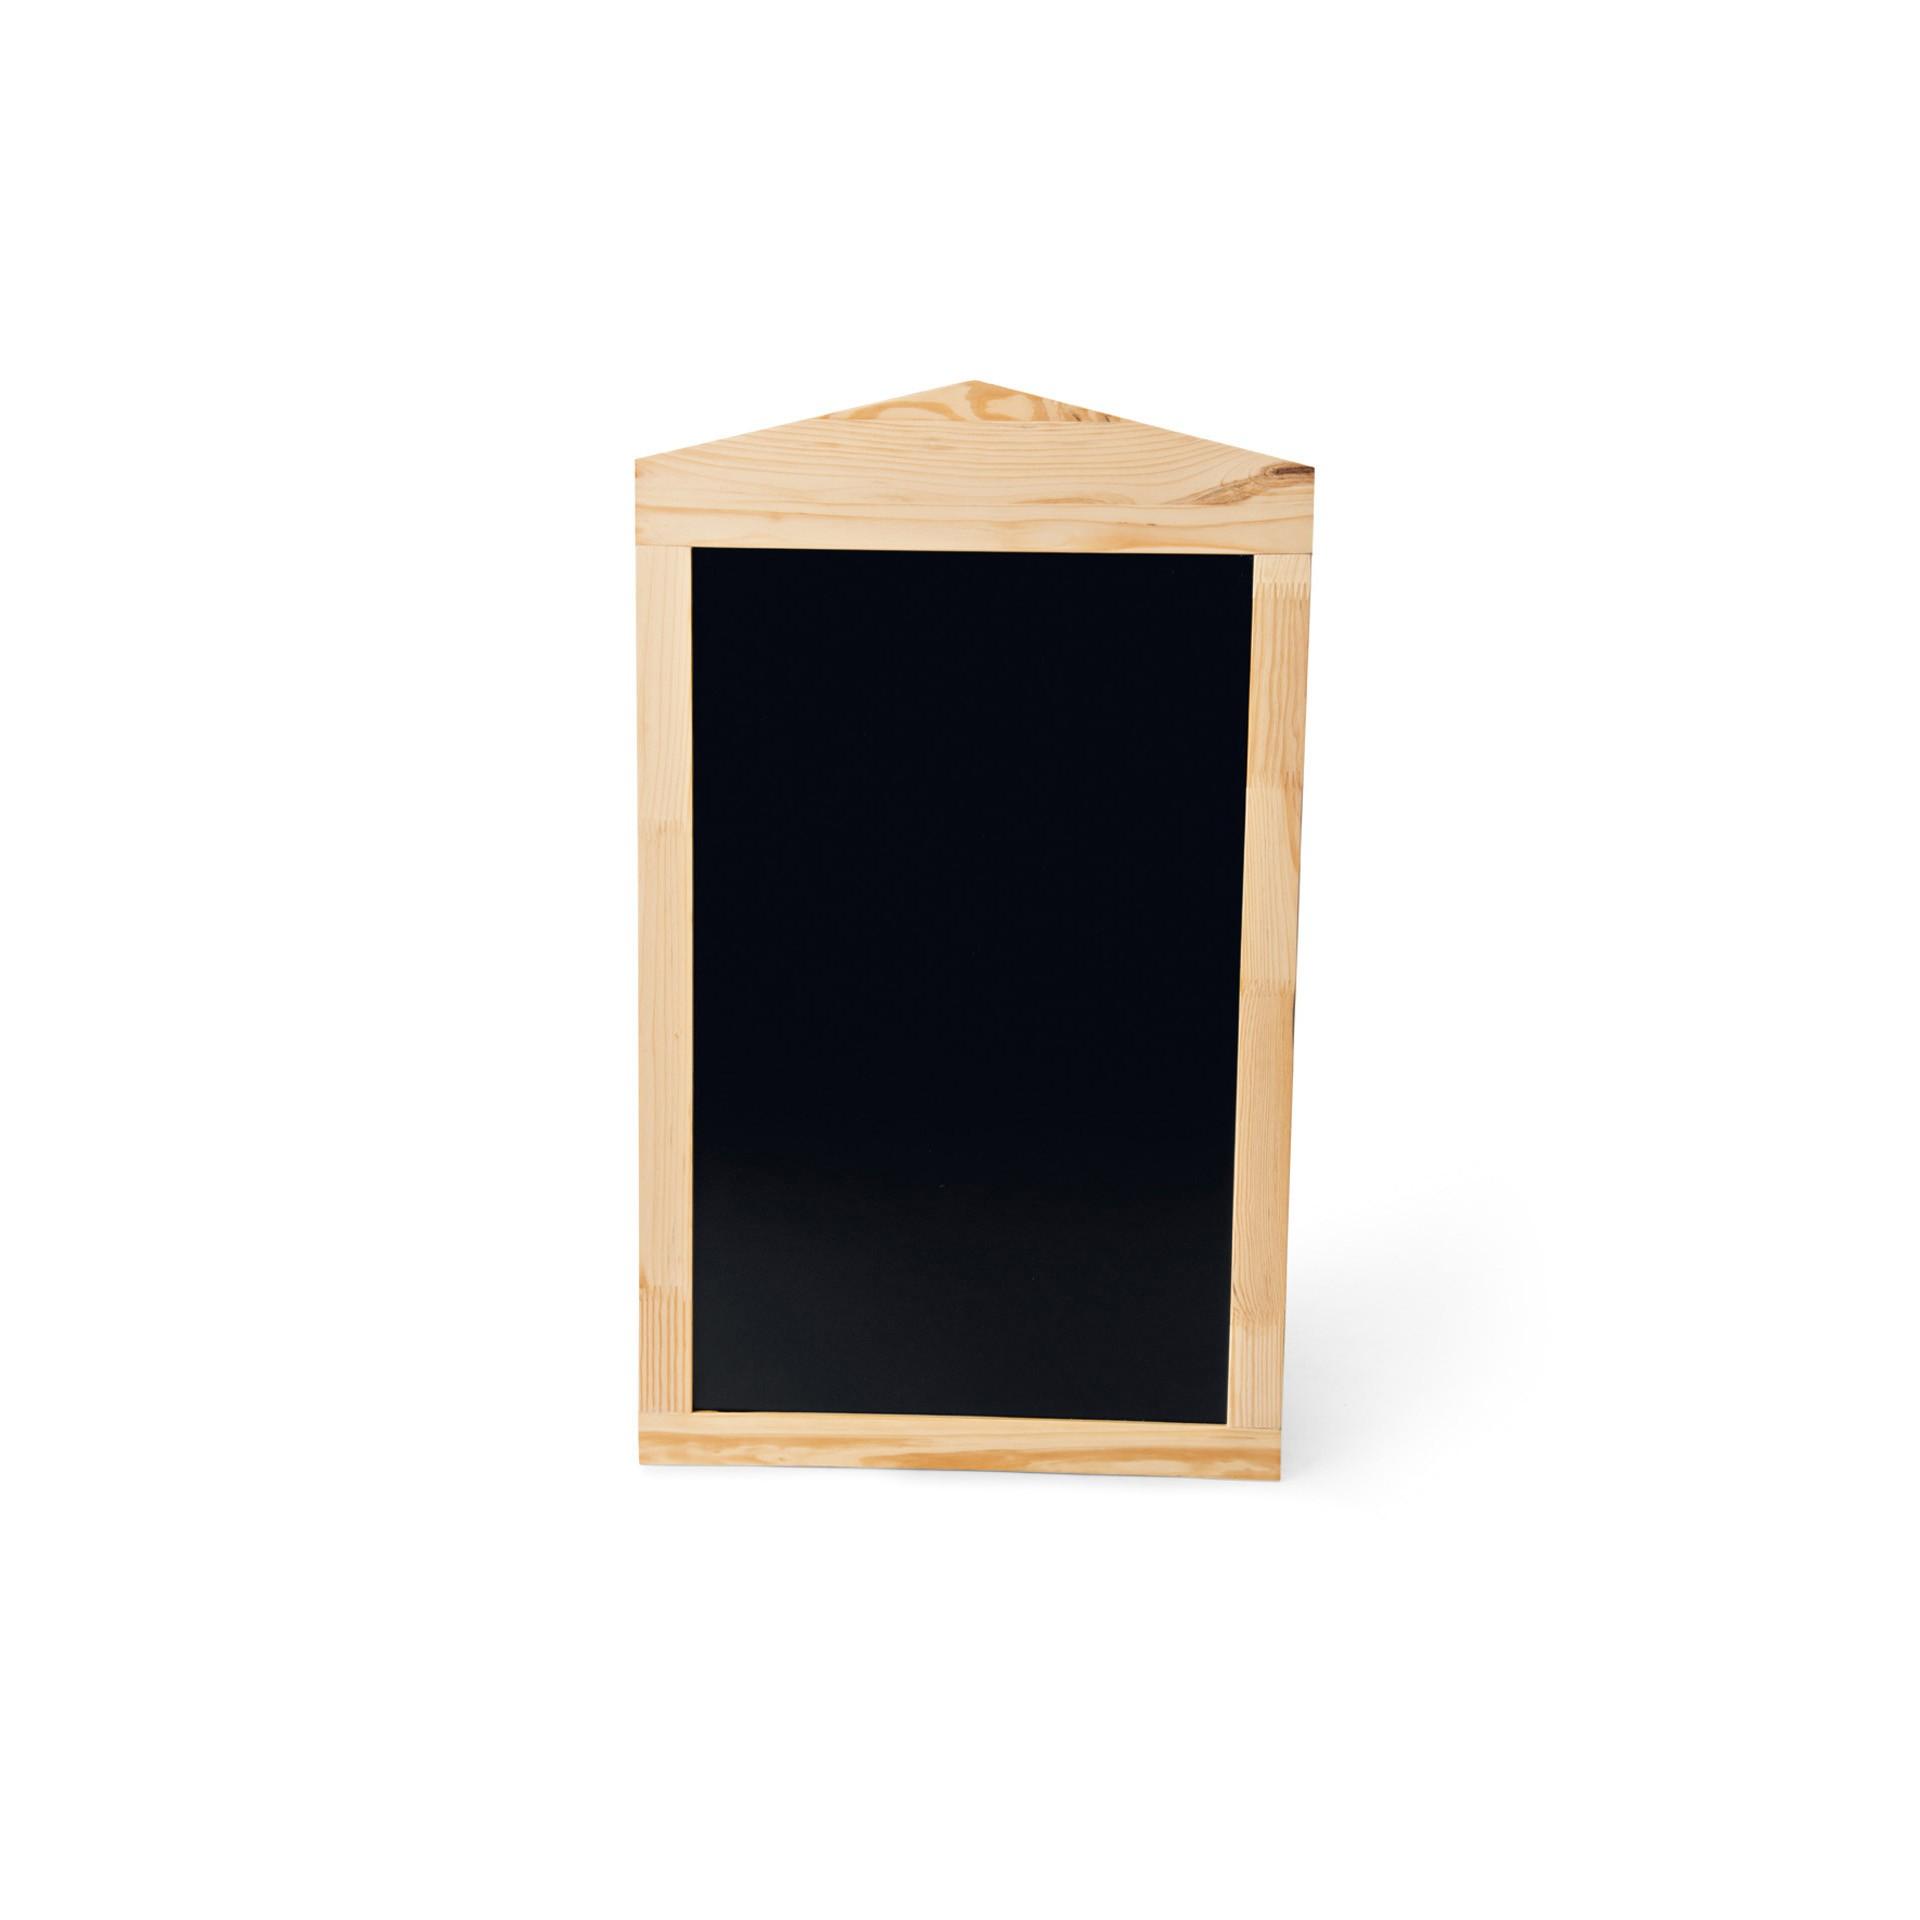 tafel zum aufh ngen einseitig beschreibbar g nstig kaufen. Black Bedroom Furniture Sets. Home Design Ideas